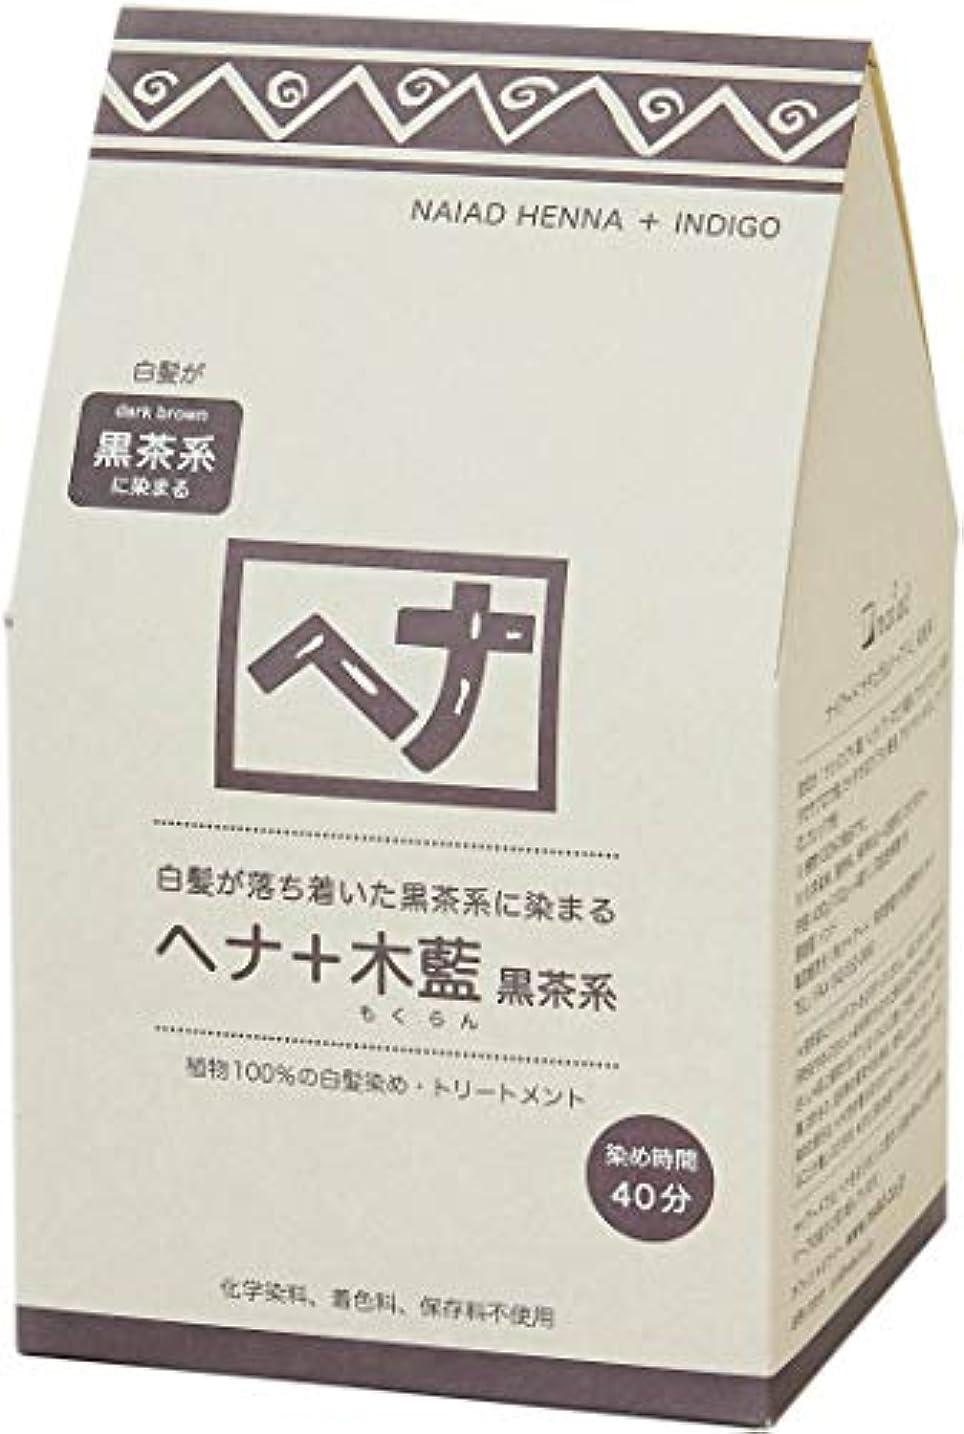 香港へこみ燃やすNaiad(ナイアード) ヘナ+木藍 黒茶系 400g